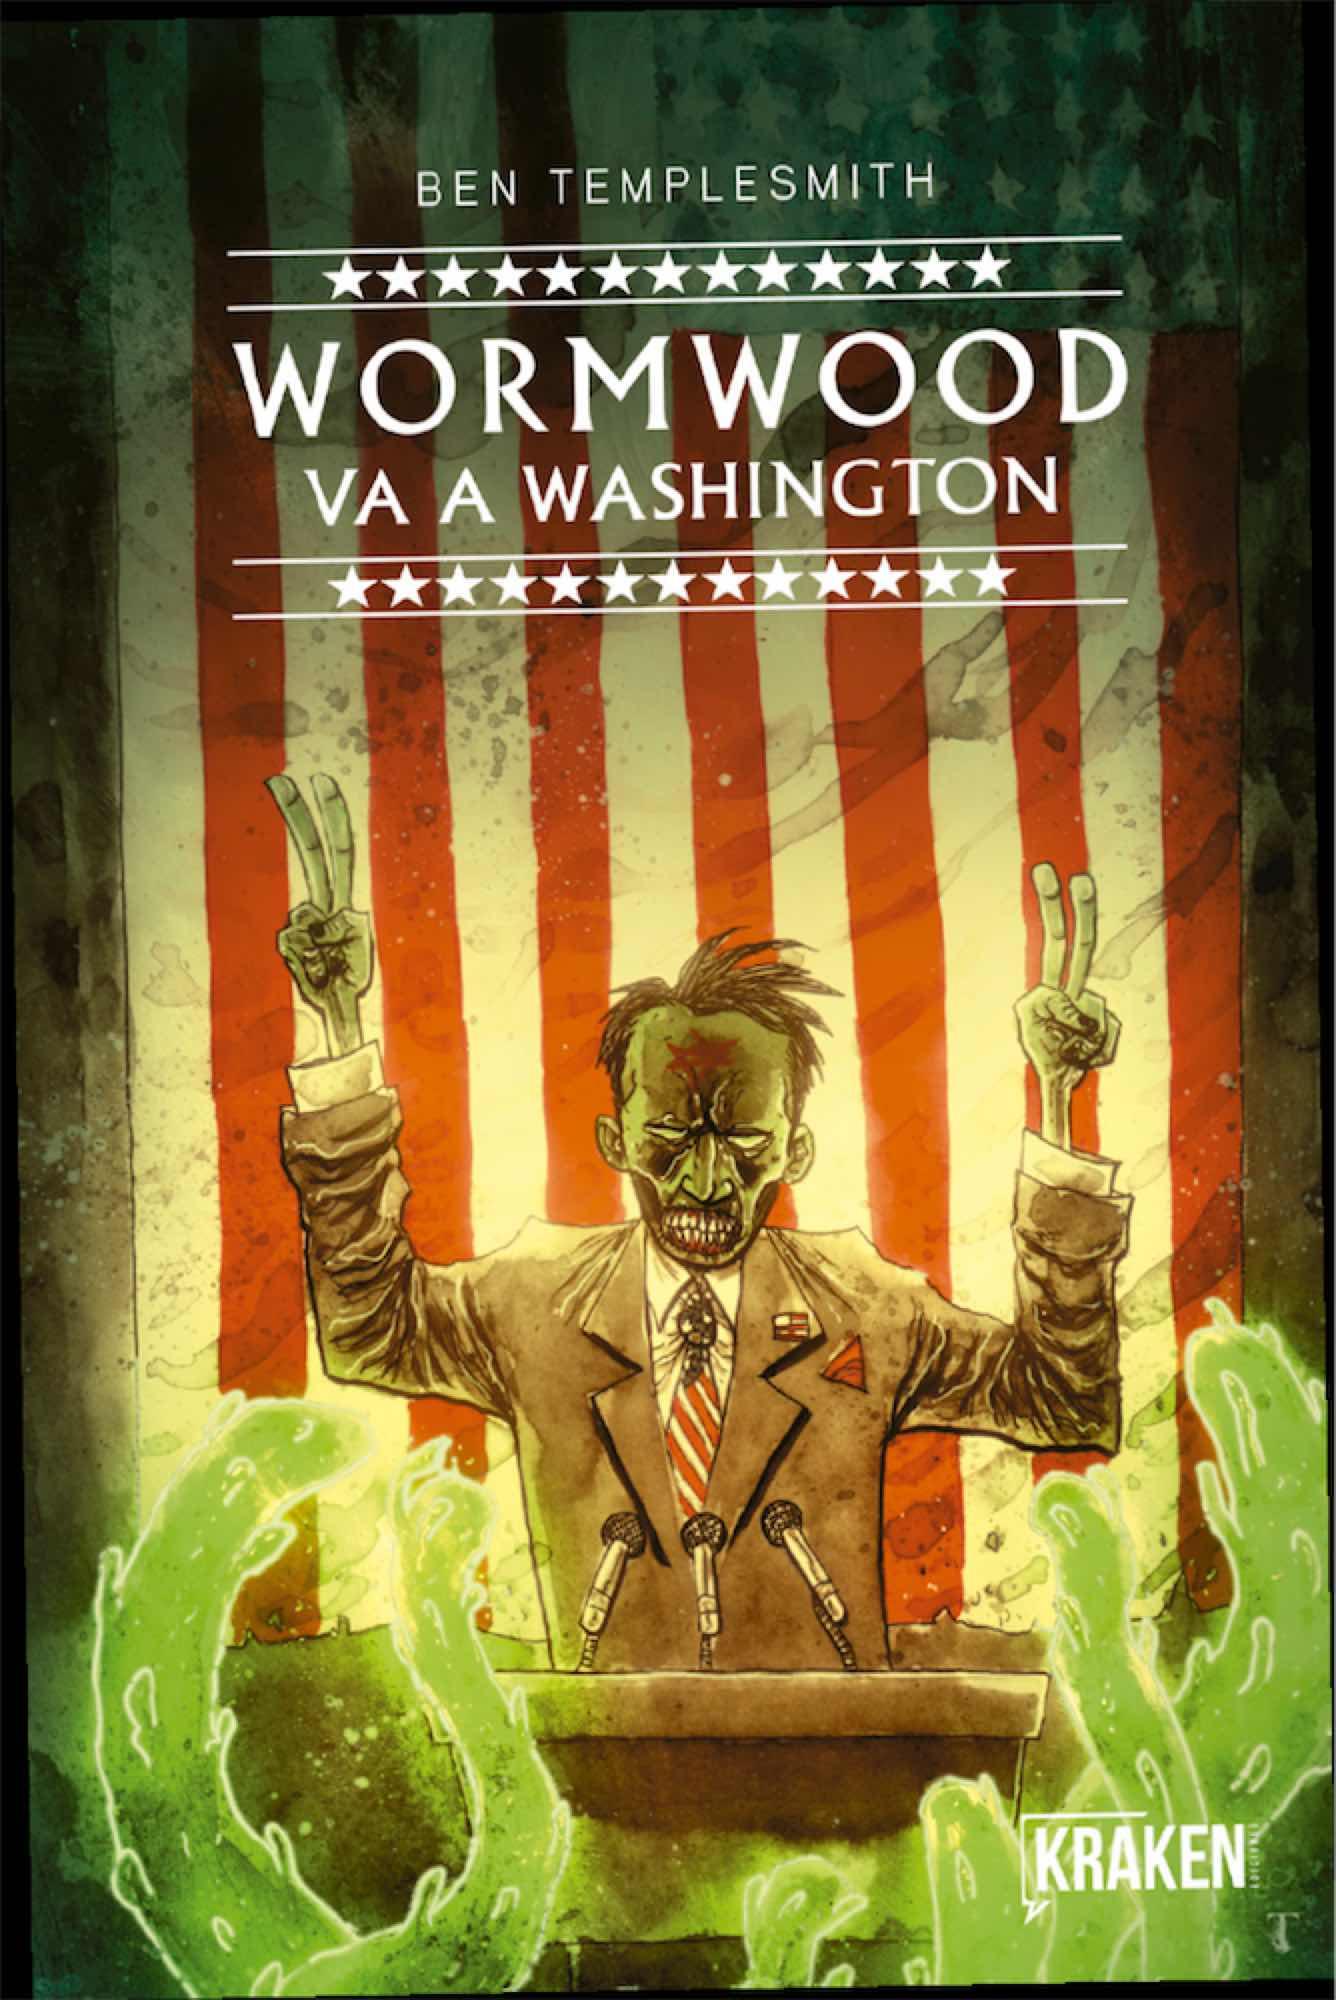 WORMWOOD. VA A WASHINGTON